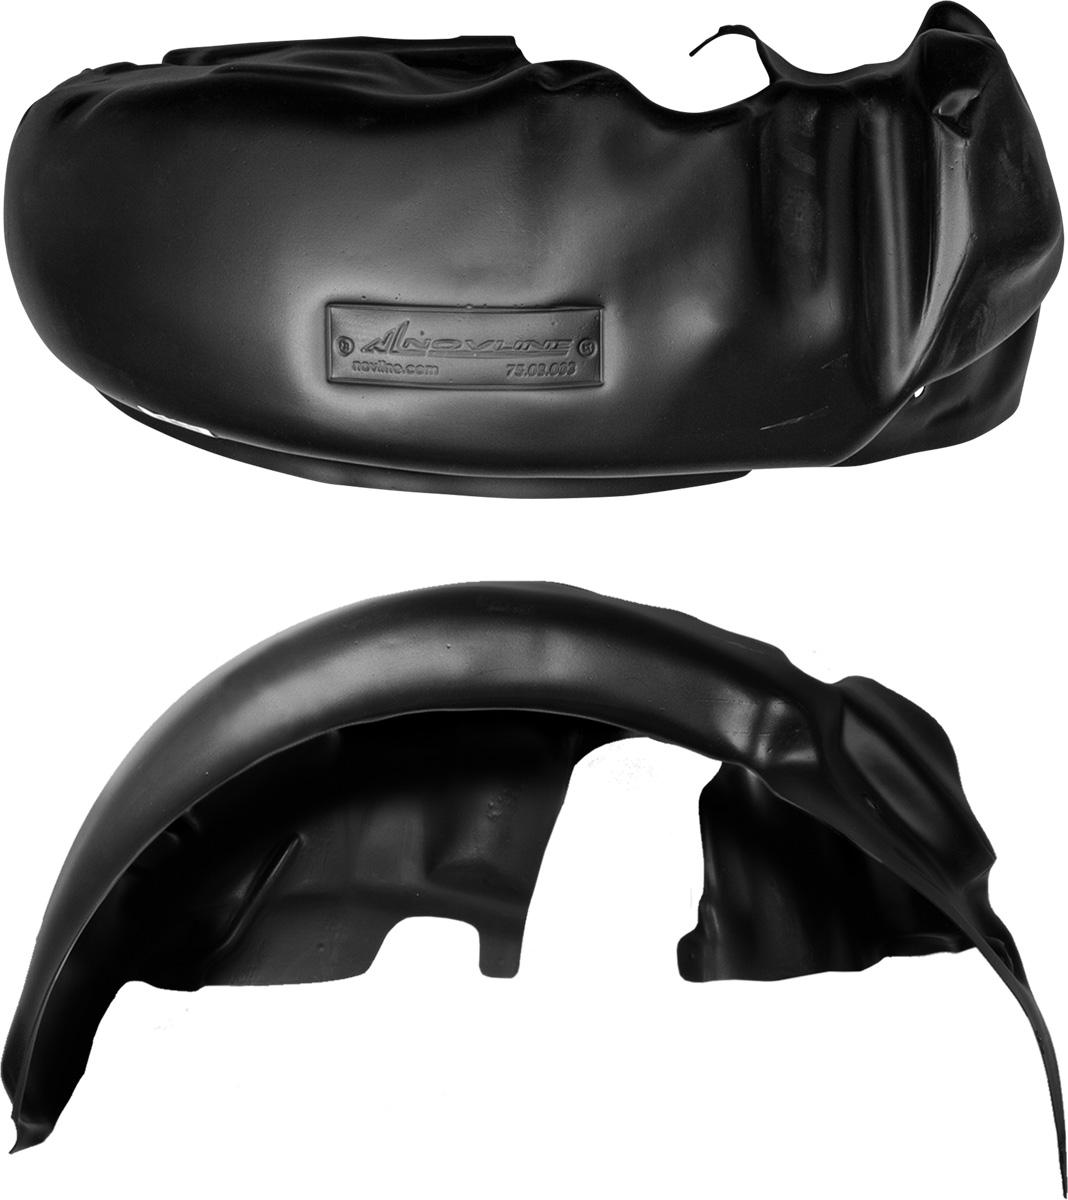 Подкрылок OPEL Astra H, 5D 2007->, хэтчбек, задний левыйNLL.37.17.003Колесные ниши – одни из самых уязвимых зон днища вашего автомобиля. Они постоянно подвергаются воздействию со стороны дороги. Лучшая, почти абсолютная защита для них - специально отформованные пластиковые кожухи, которые называются подкрылками, или локерами. Производятся они как для отечественных моделей автомобилей, так и для иномарок. Подкрылки выполнены из высококачественного, экологически чистого пластика. Обеспечивают надежную защиту кузова автомобиля от пескоструйного эффекта и негативного влияния, агрессивных антигололедных реагентов. Пластик обладает более низкой теплопроводностью, чем металл, поэтому в зимний период эксплуатации использование пластиковых подкрылков позволяет лучше защитить колесные ниши от налипания снега и образования наледи. Оригинальность конструкции подчеркивает элегантность автомобиля, бережно защищает нанесенное на днище кузова антикоррозийное покрытие и позволяет осуществить крепление подкрылков внутри колесной арки практически без дополнительного...